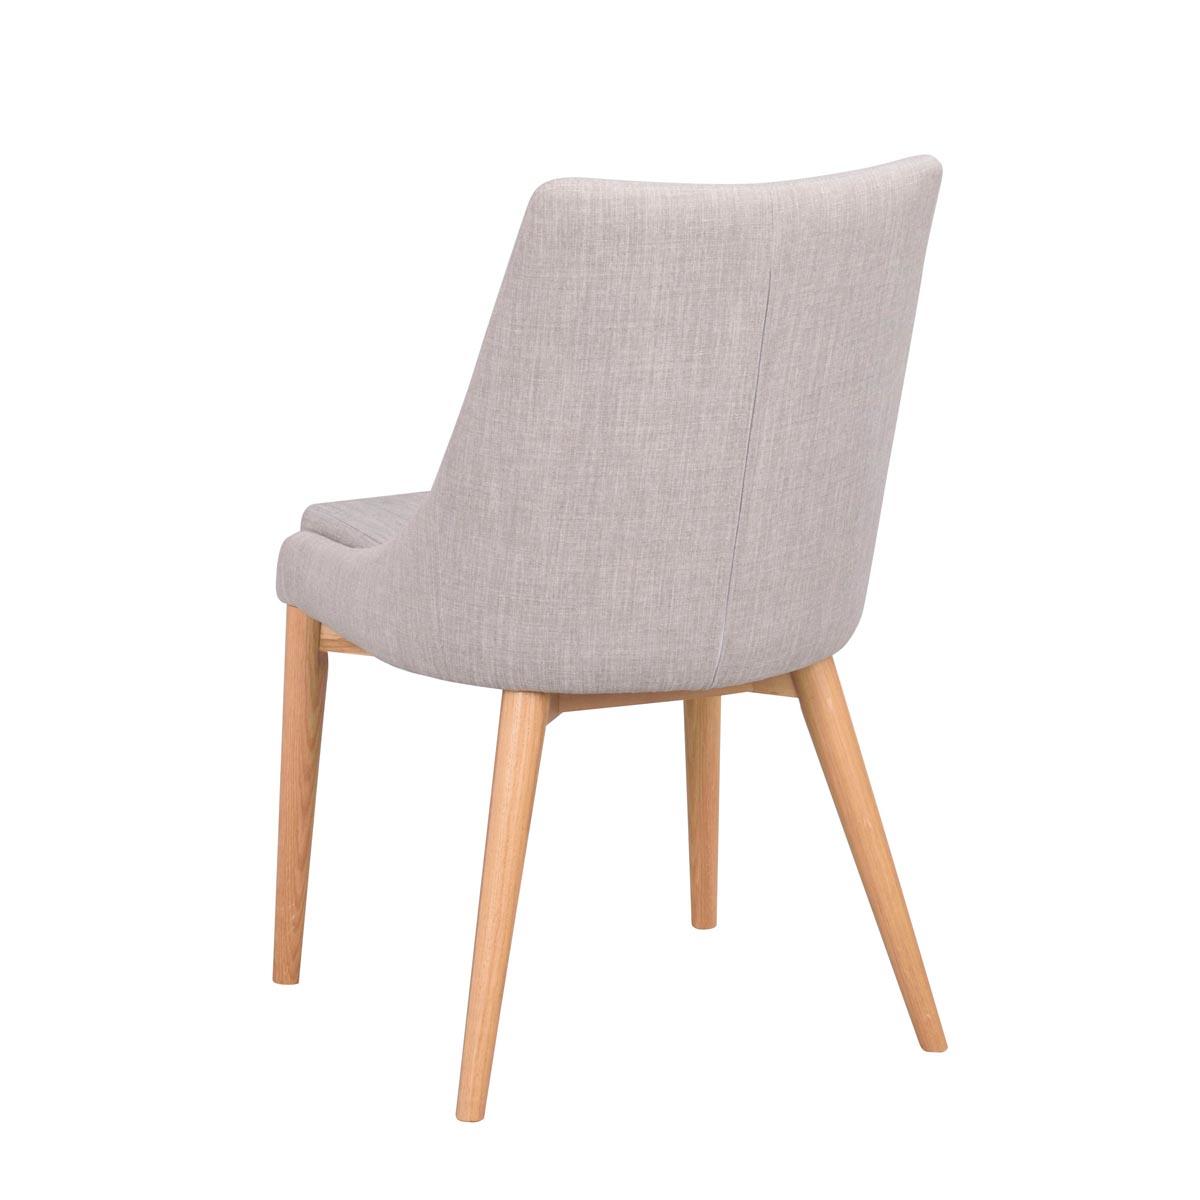 Bea-stol-ljusgrått-tyg_ek-R-118311_d